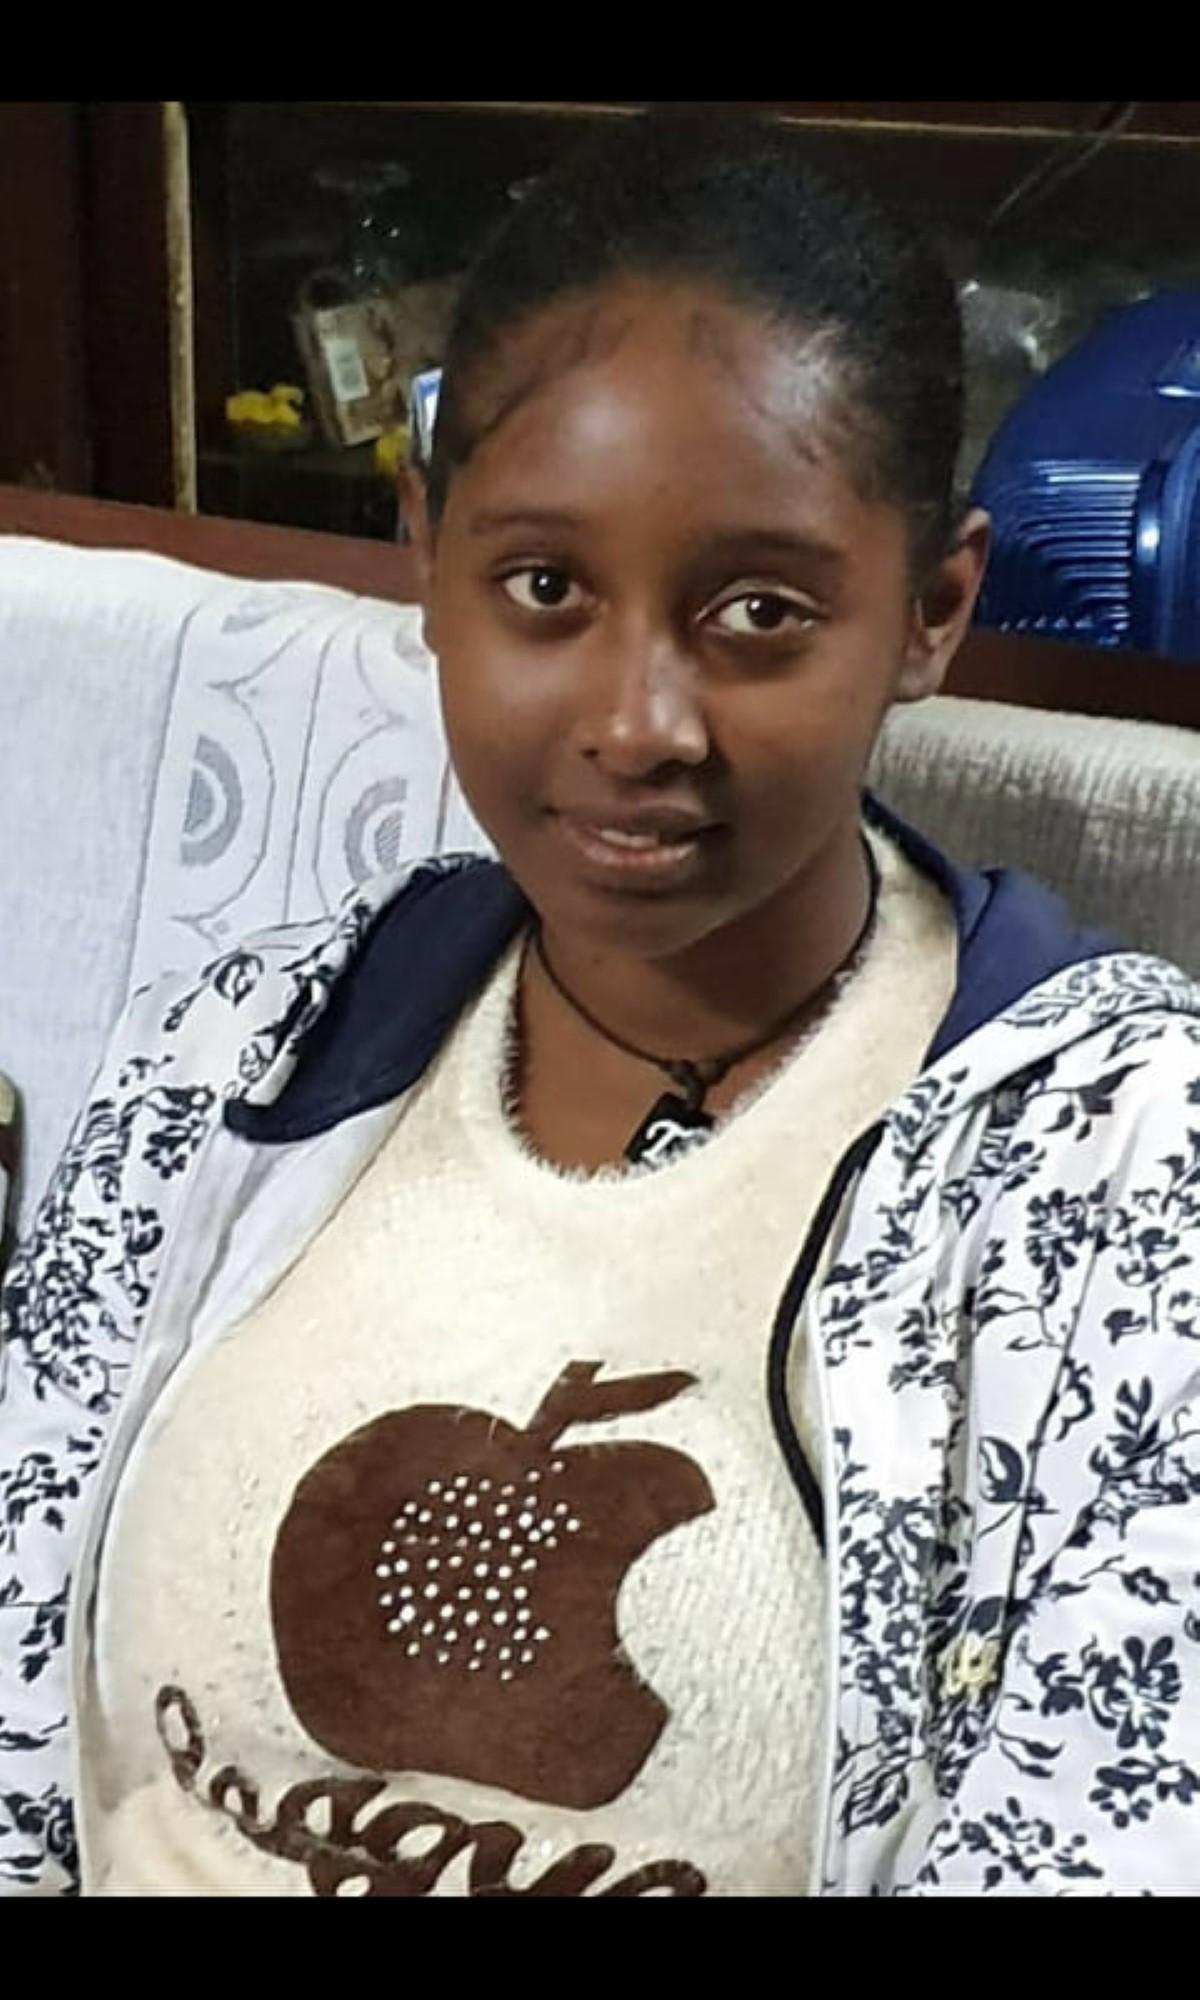 Bois Chéri : disparition inquiétante de Élodie Babet âgée de 15 ans